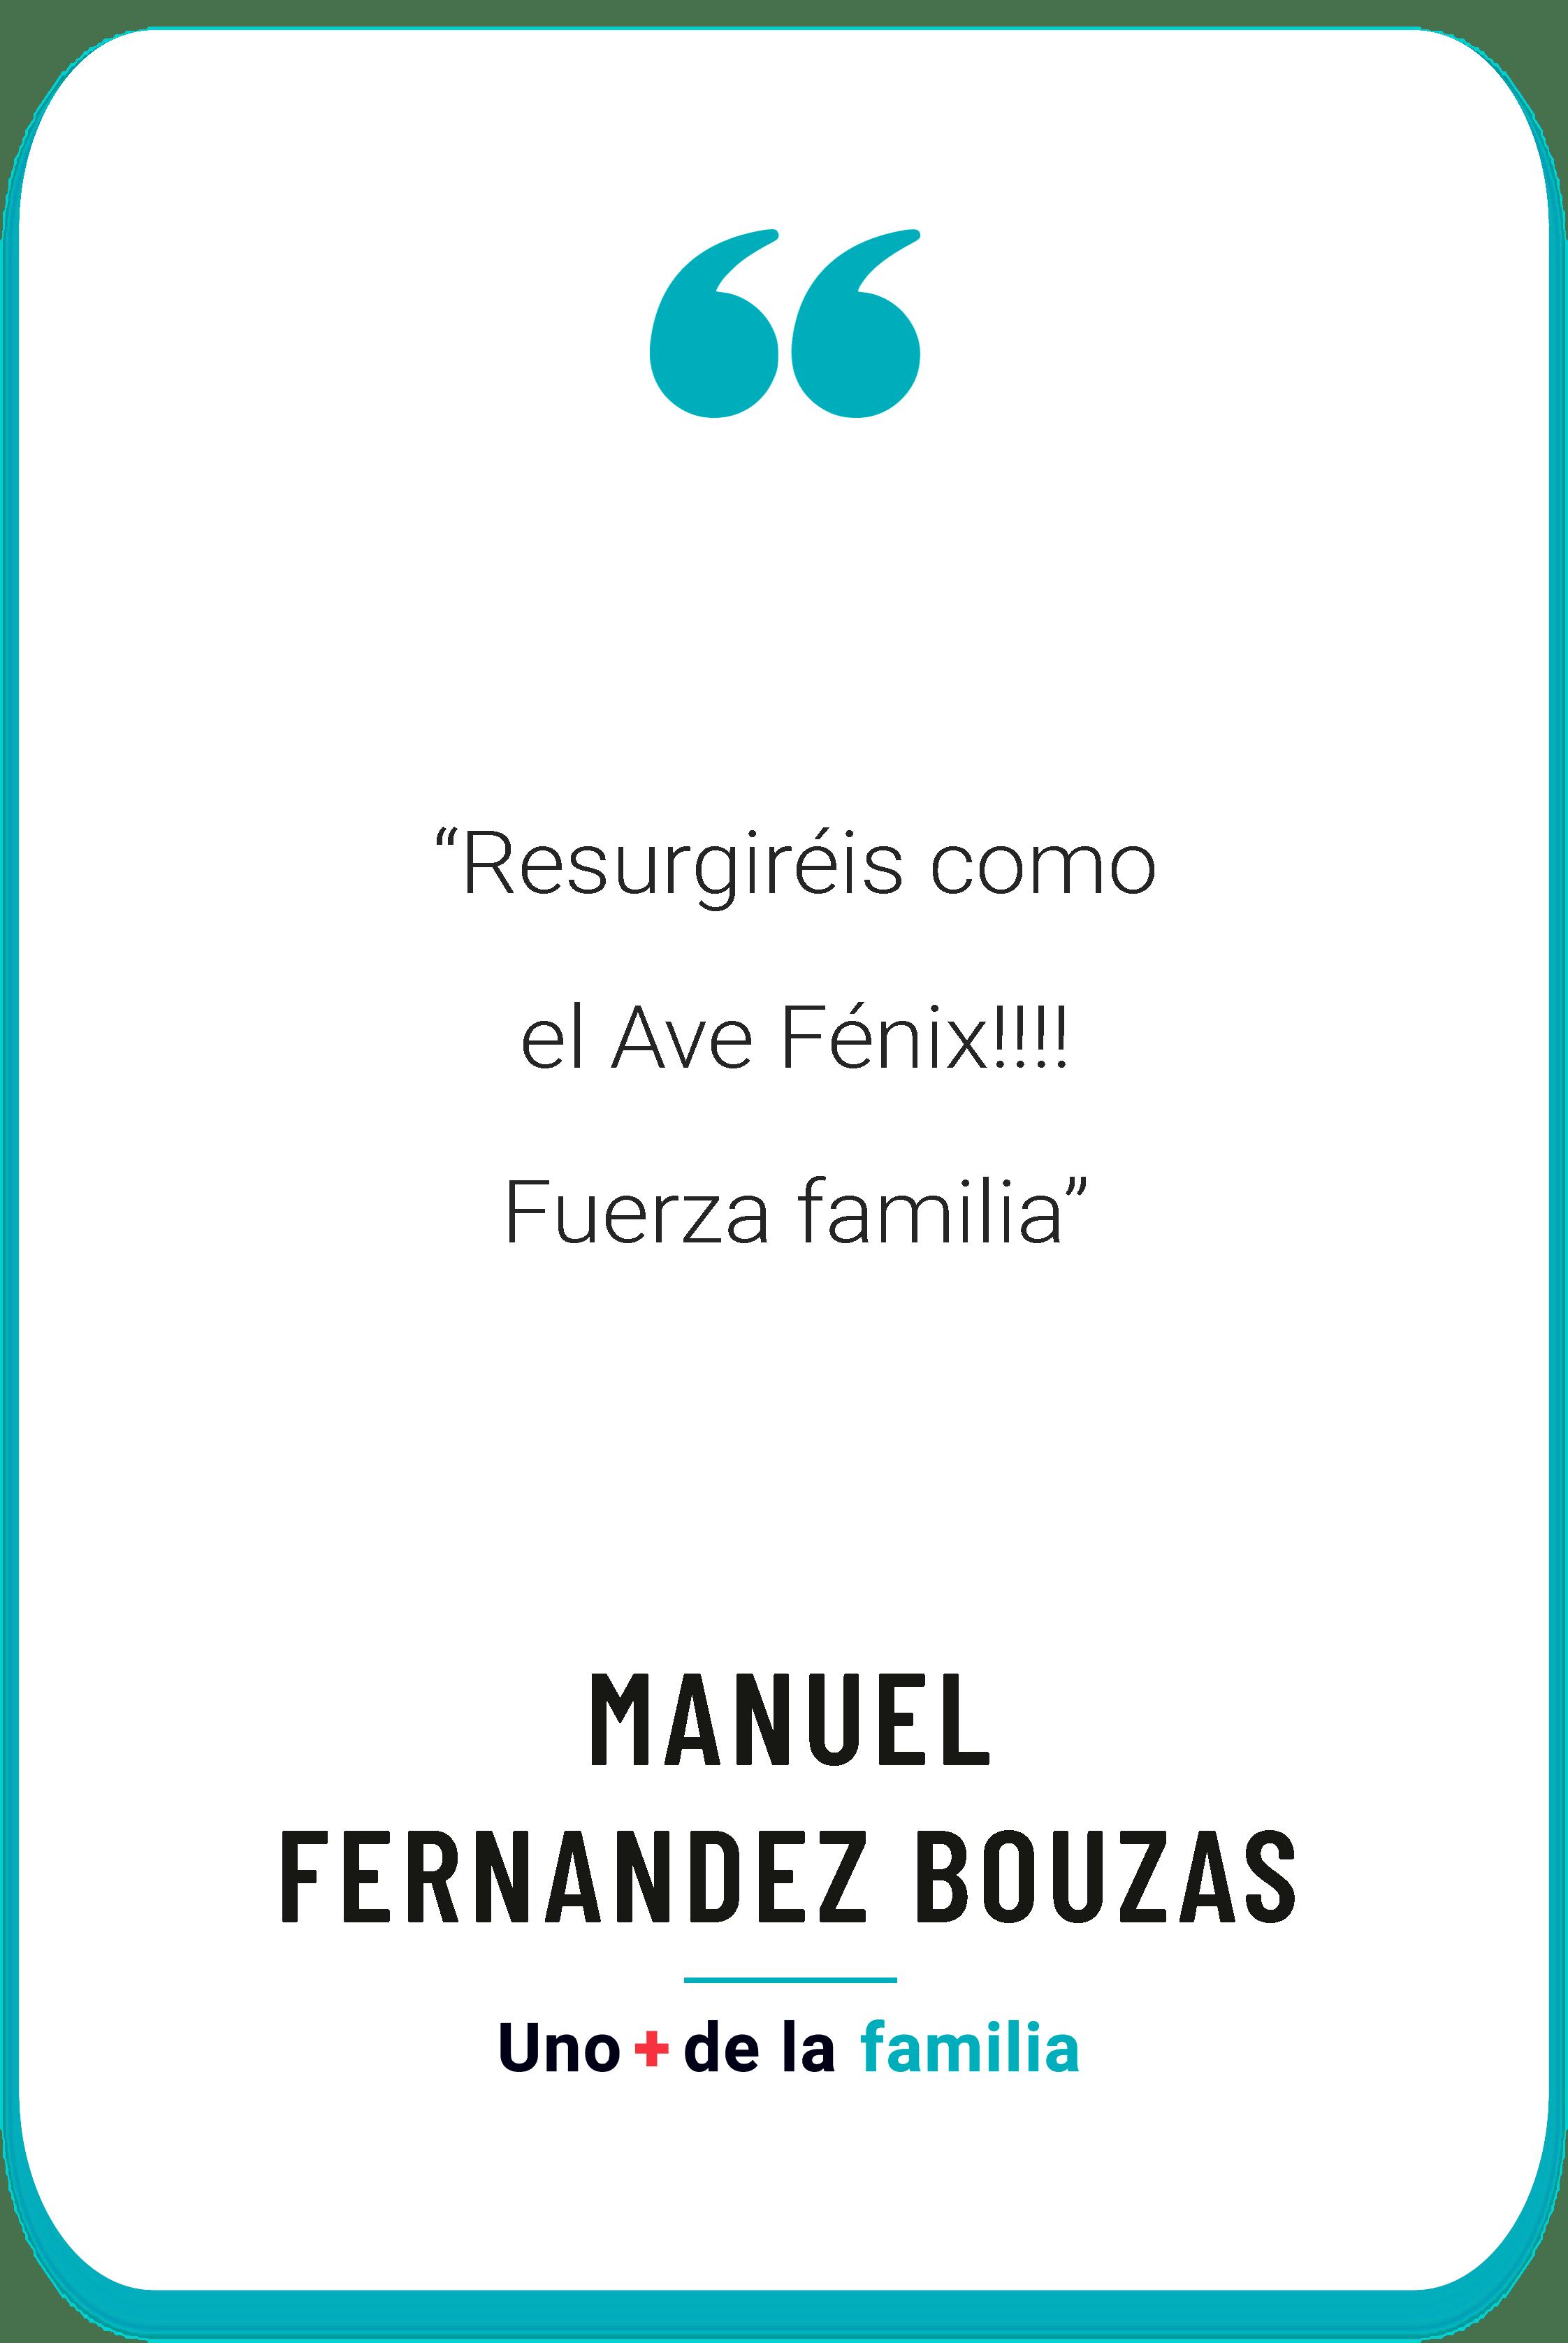 17_MANUEL-min